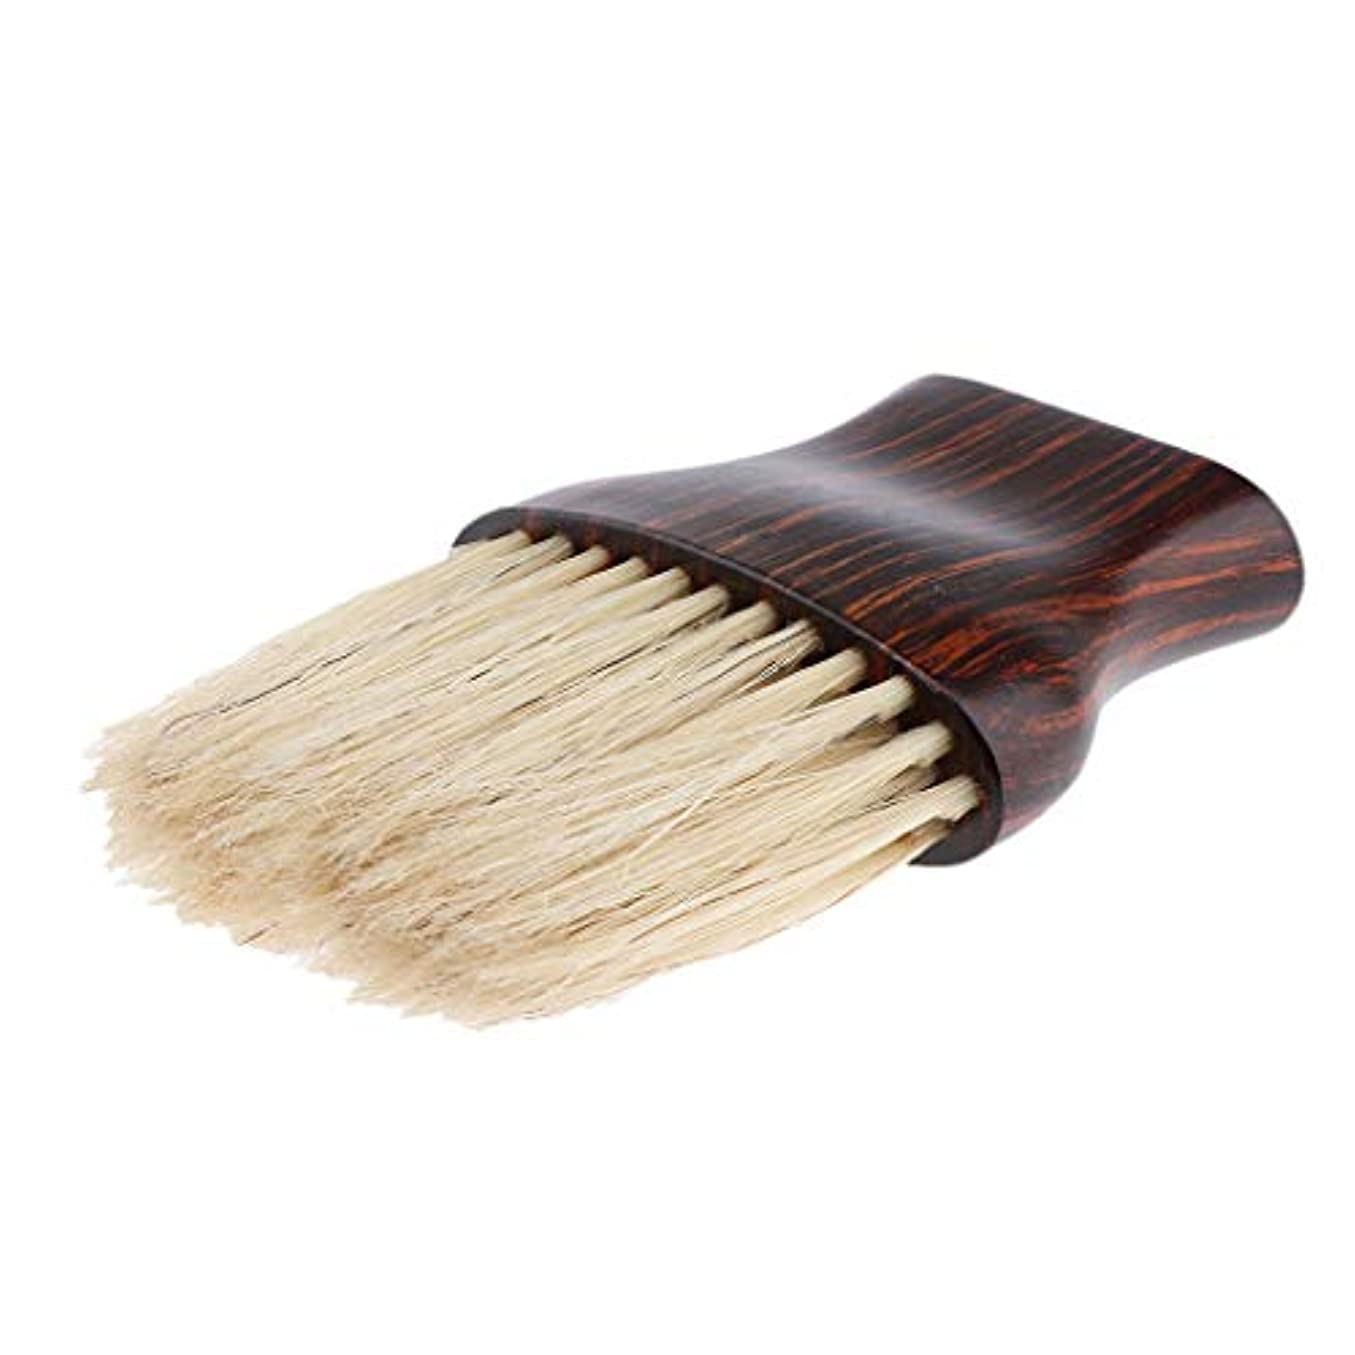 フラグラント偽造解任CUTICATE ヘアカットブラシ ネックダスタークリーニング ヘアブラシ 理髪師理髪ツール